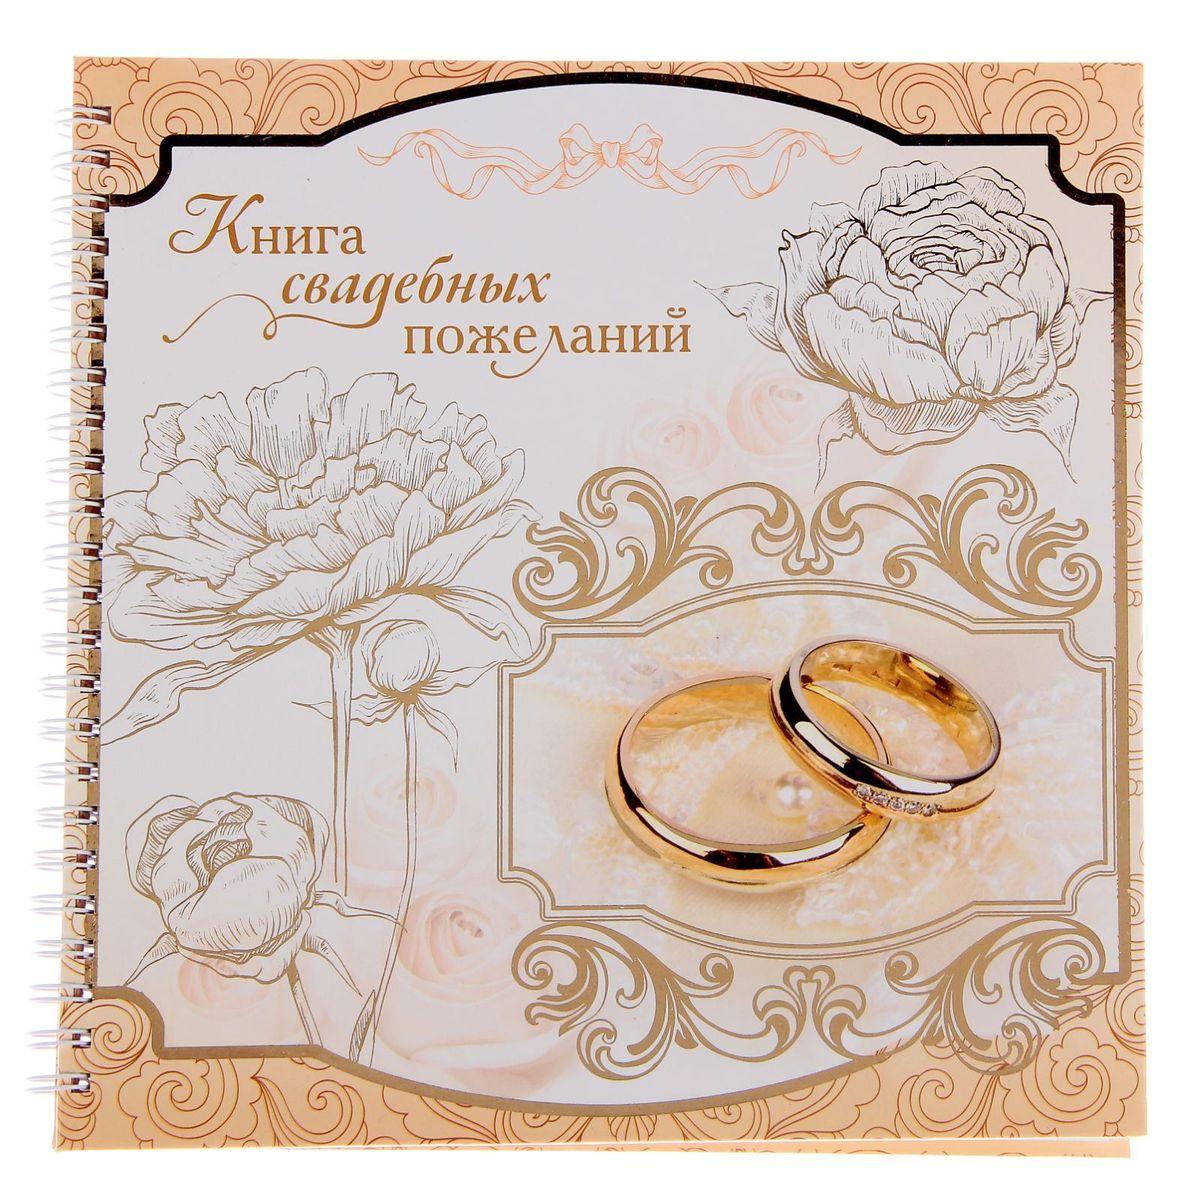 Sima-land Книга свадебных пожеланий Быть всегда друг с другом...  на пружине, 40л., 21,7 х 21 см1182859Теперь добрые слова и светлые поздравления останутся с вами на всю жизнь. Через много лет, перечитывая эту чудесную книгу, вы вместе со своей половинкой будете с улыбкой вспоминать о самом счастливом дне в вашей жизни. Сохраните счастливые воспоминания на долгие годы!